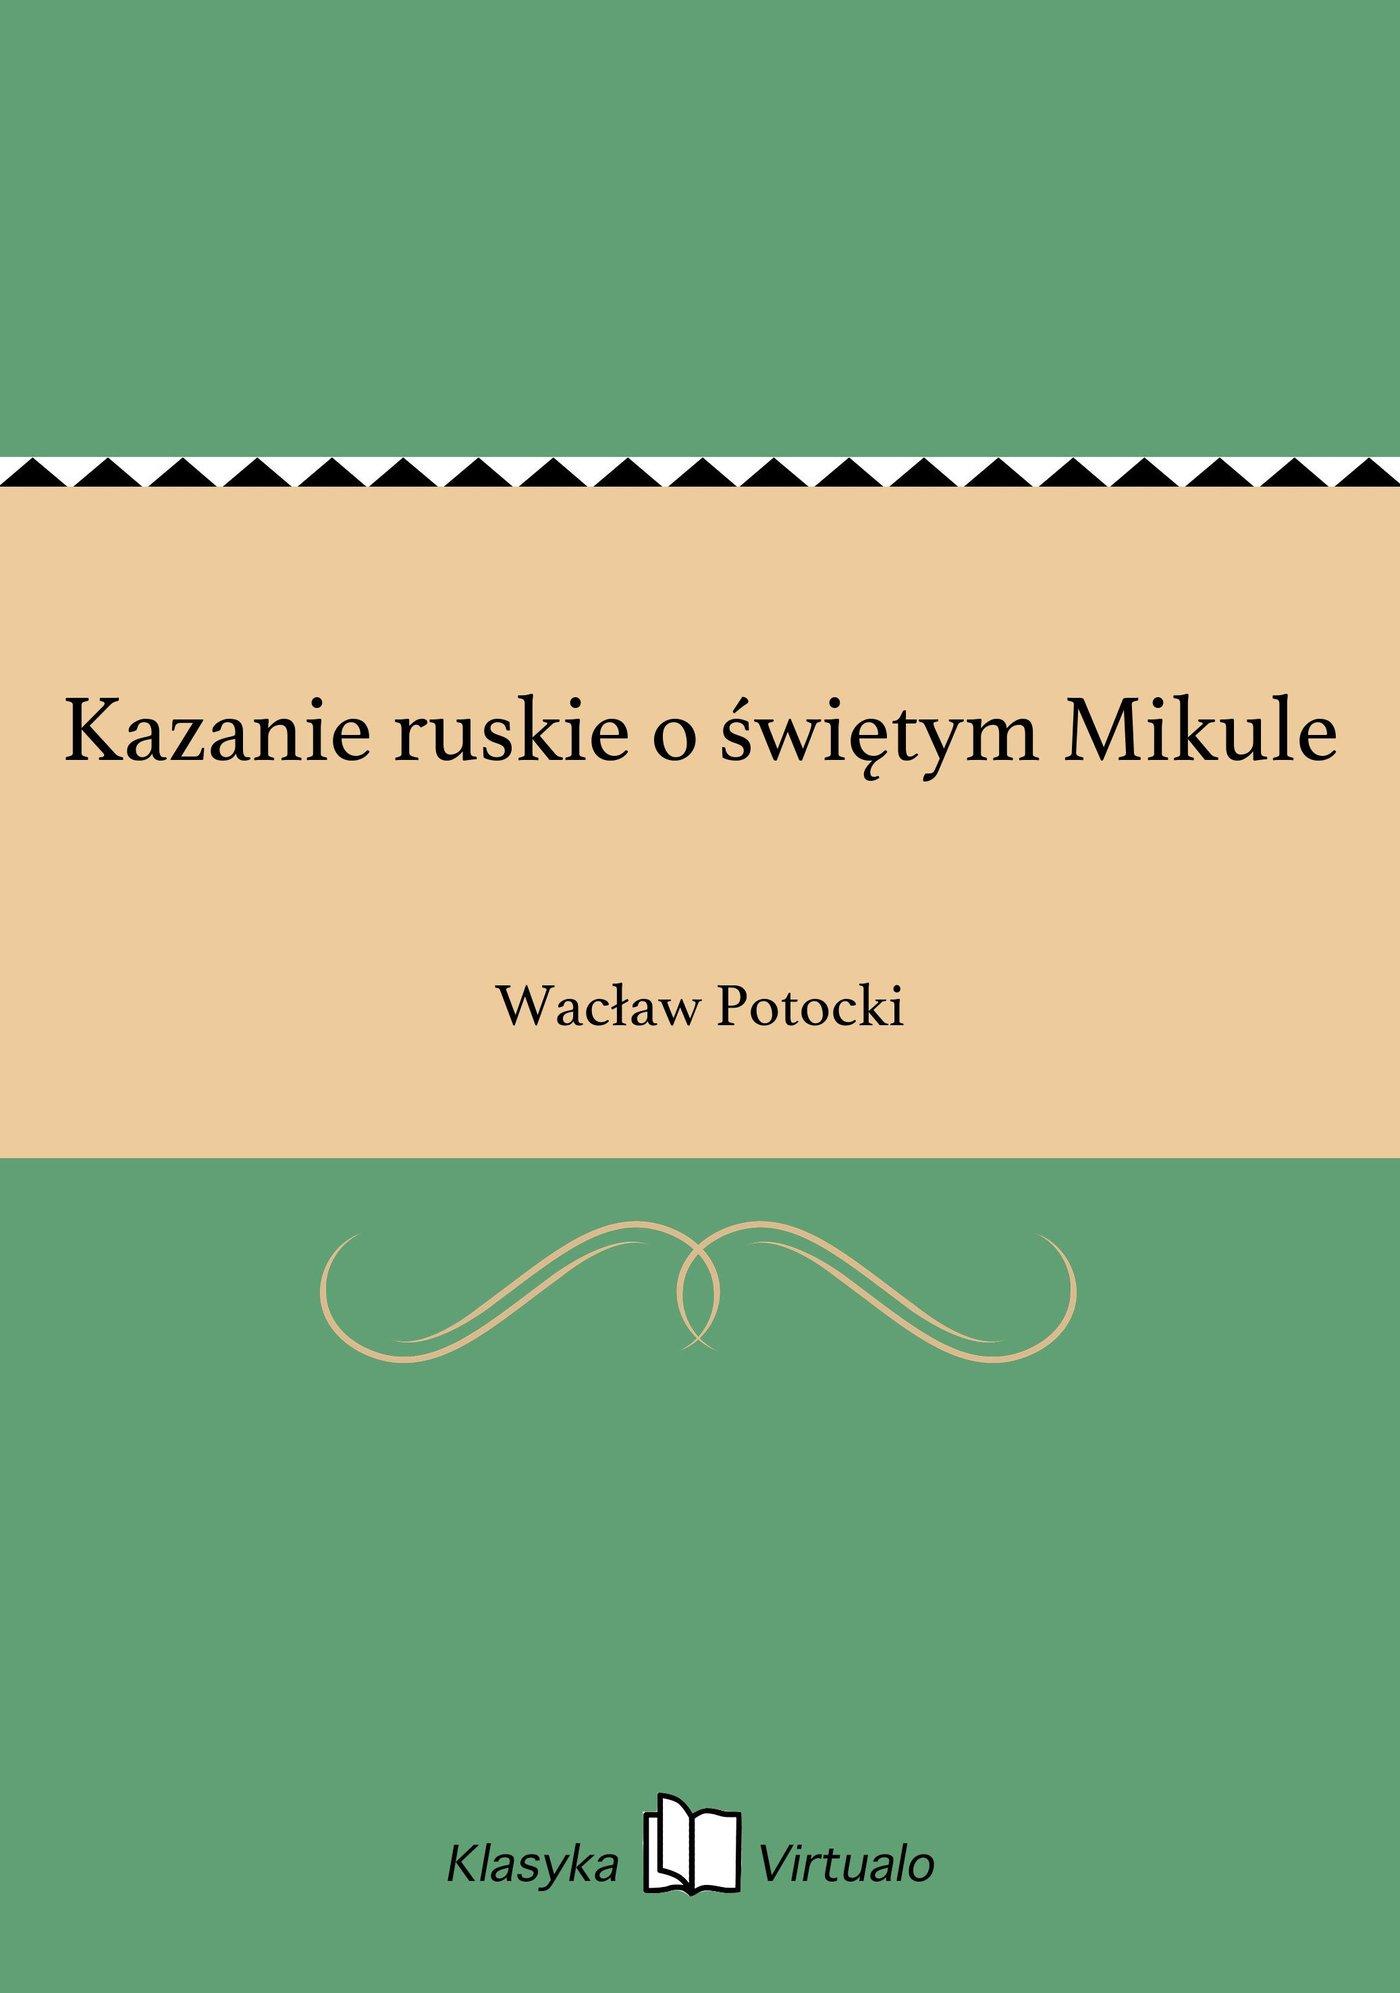 Kazanie ruskie o świętym Mikule - Ebook (Książka na Kindle) do pobrania w formacie MOBI